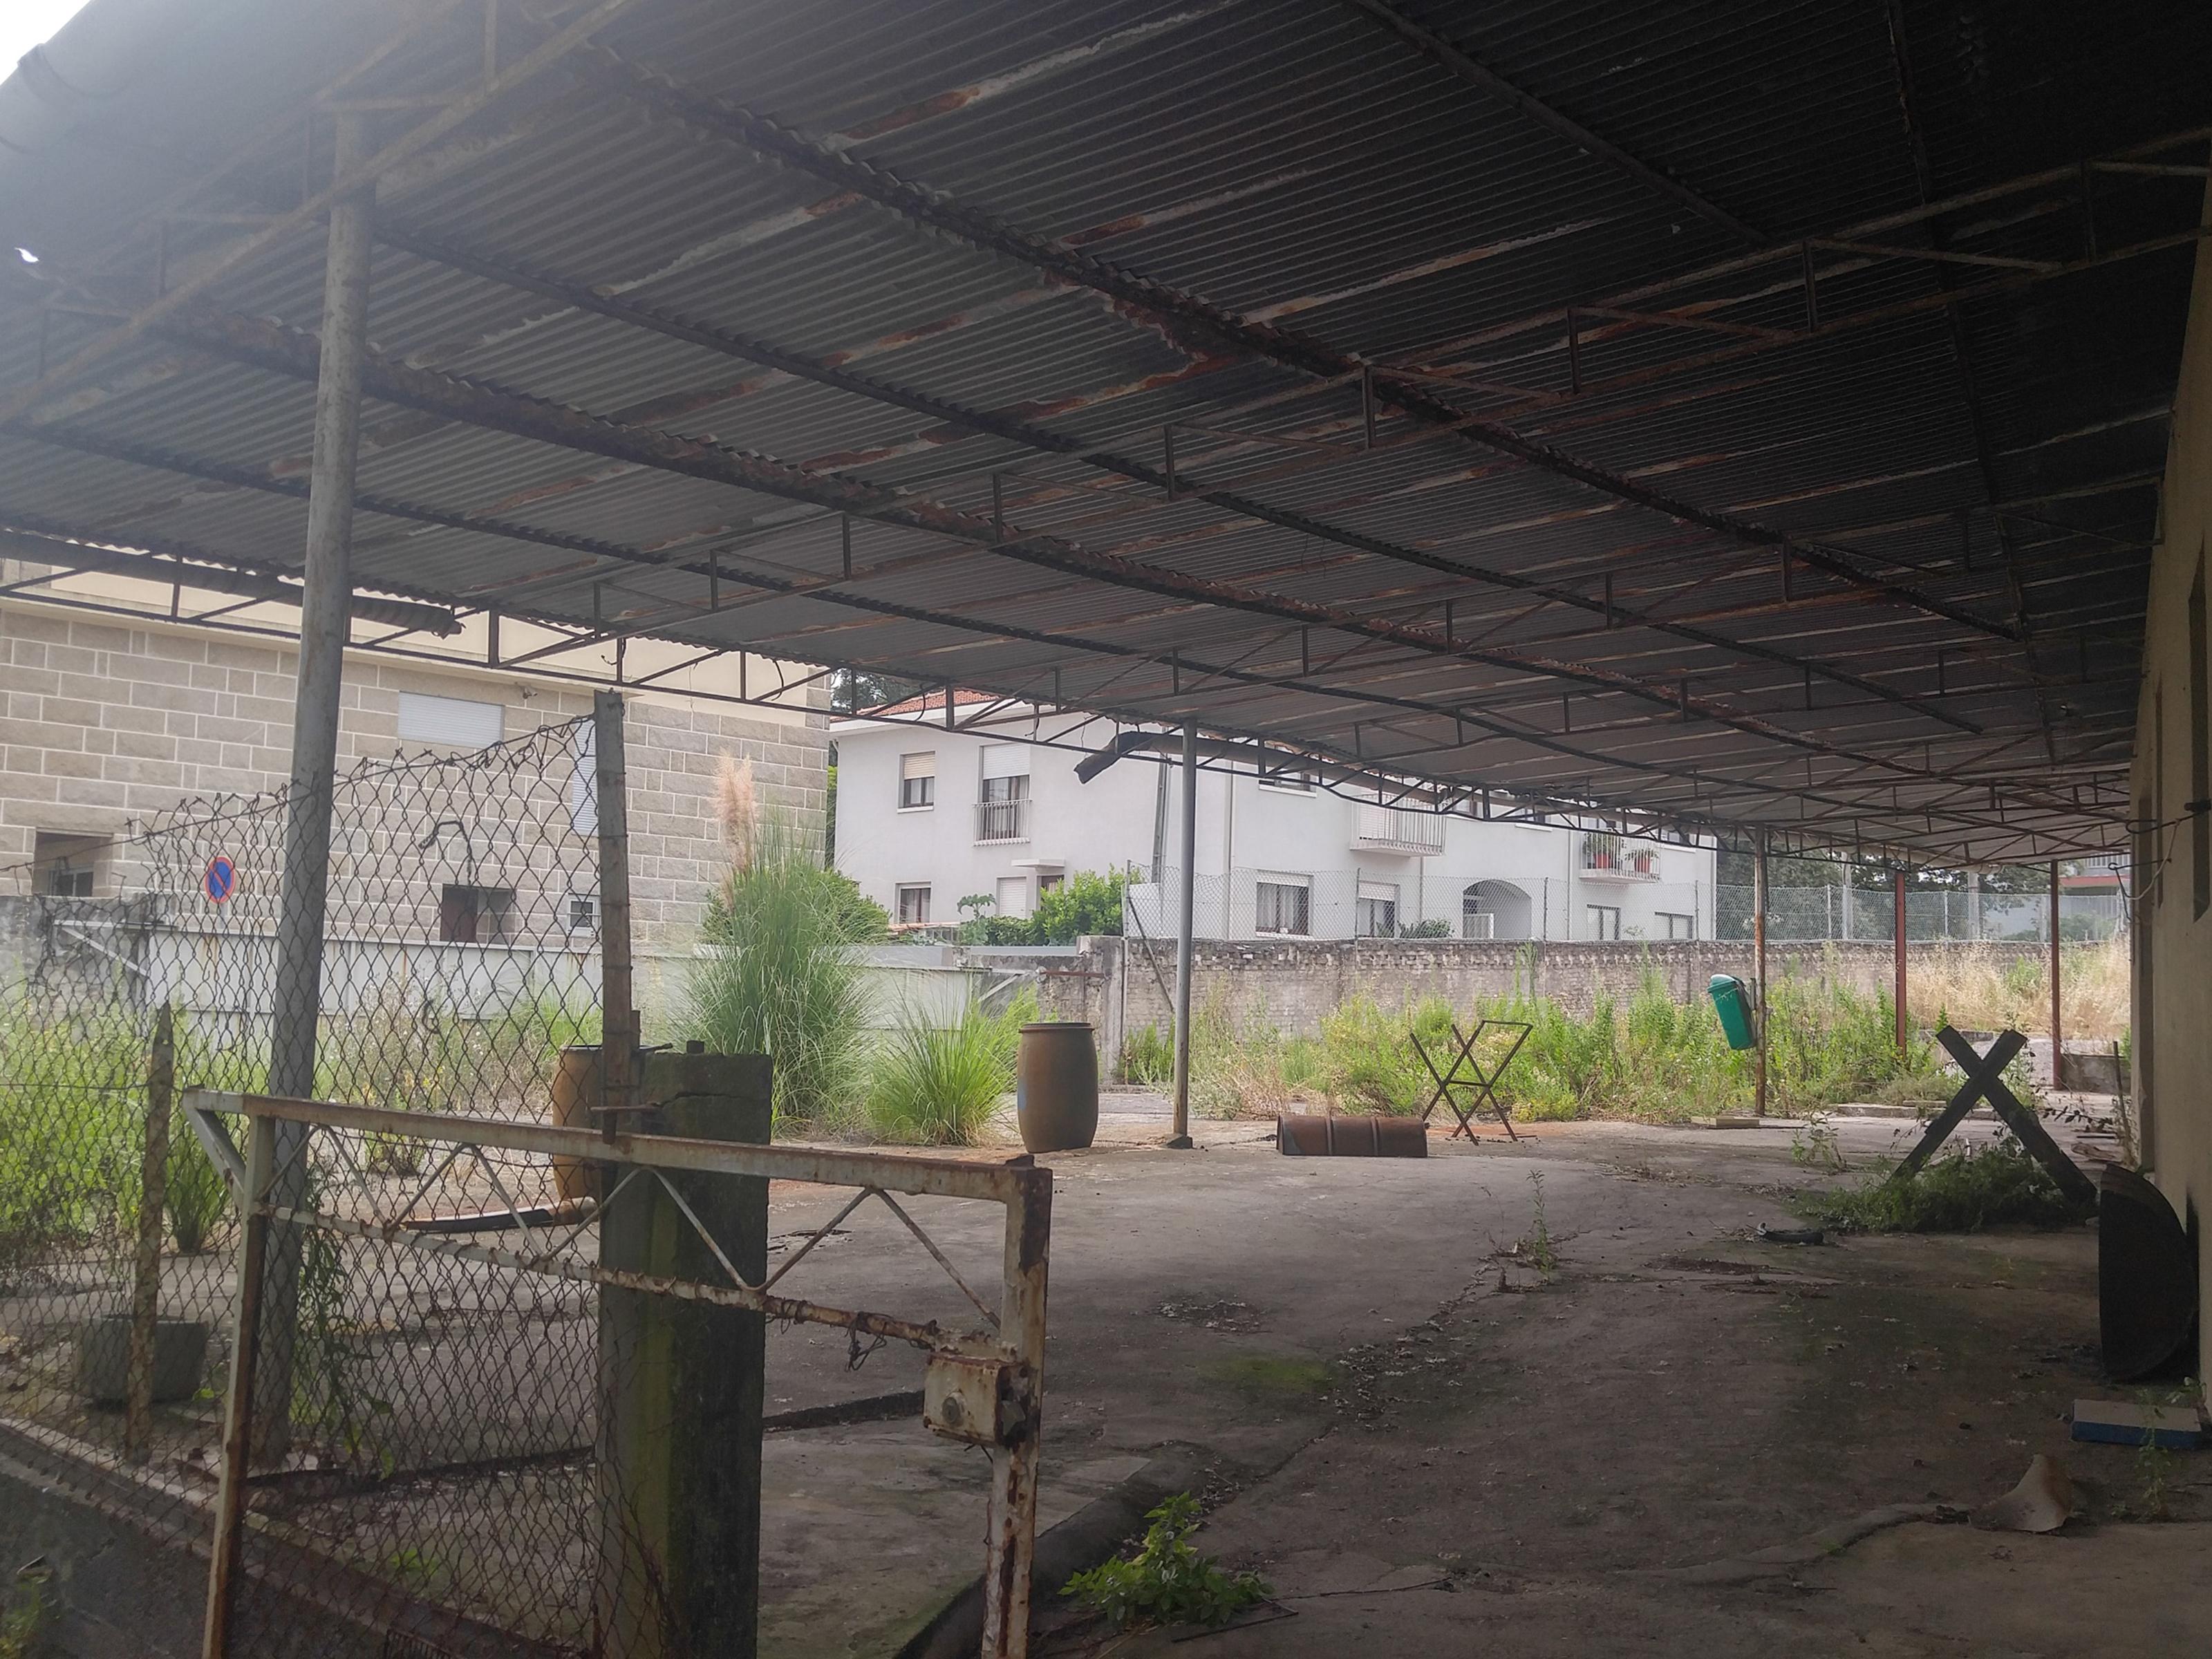 Todemolishorrebuild Land in Custóias, Leça do Balio e Guifões –